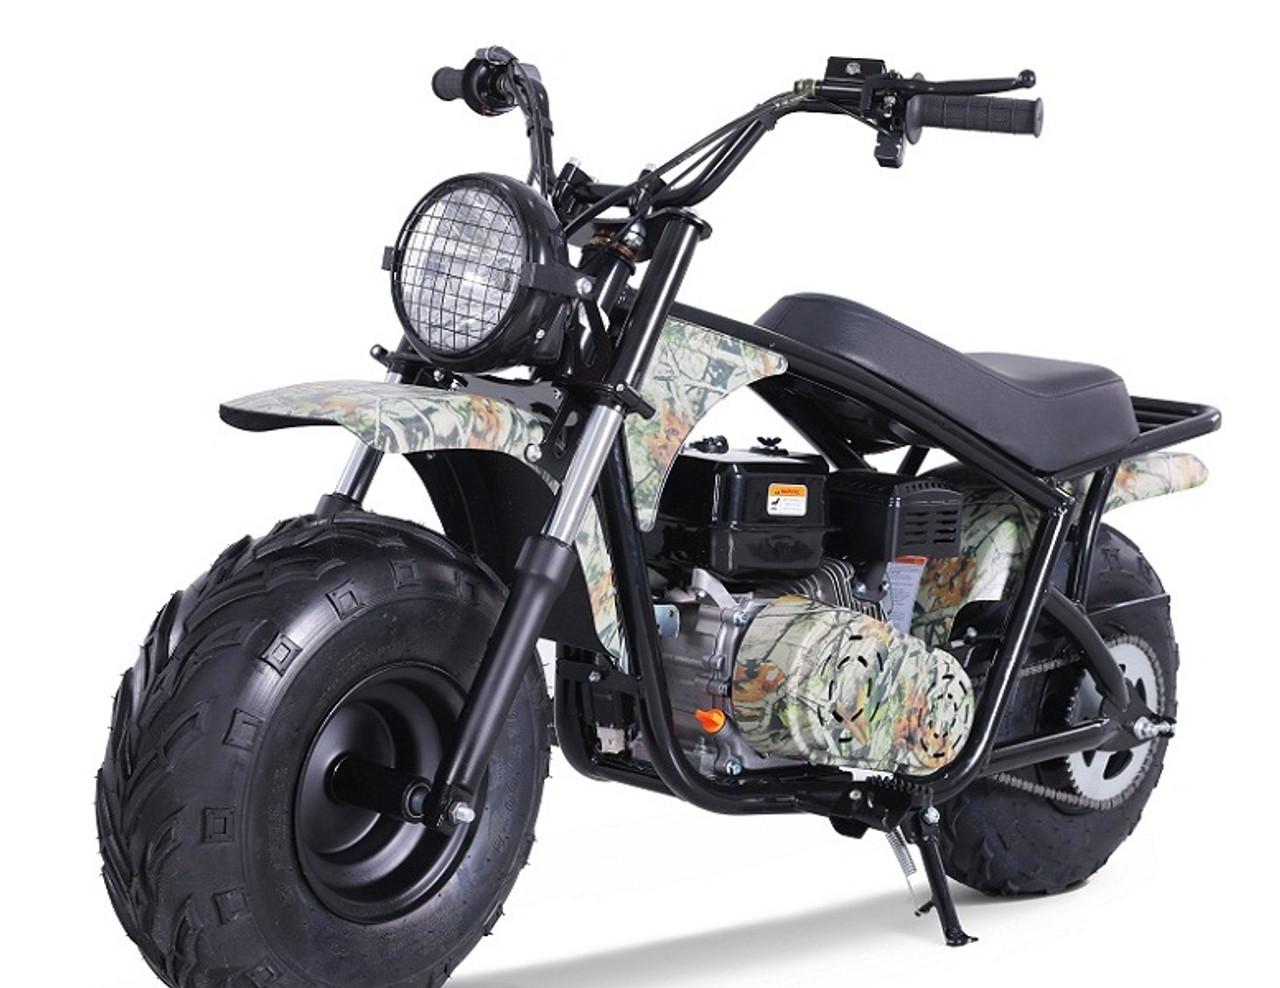 TaoTao DB200 196cc Dirt Bike, Automatic